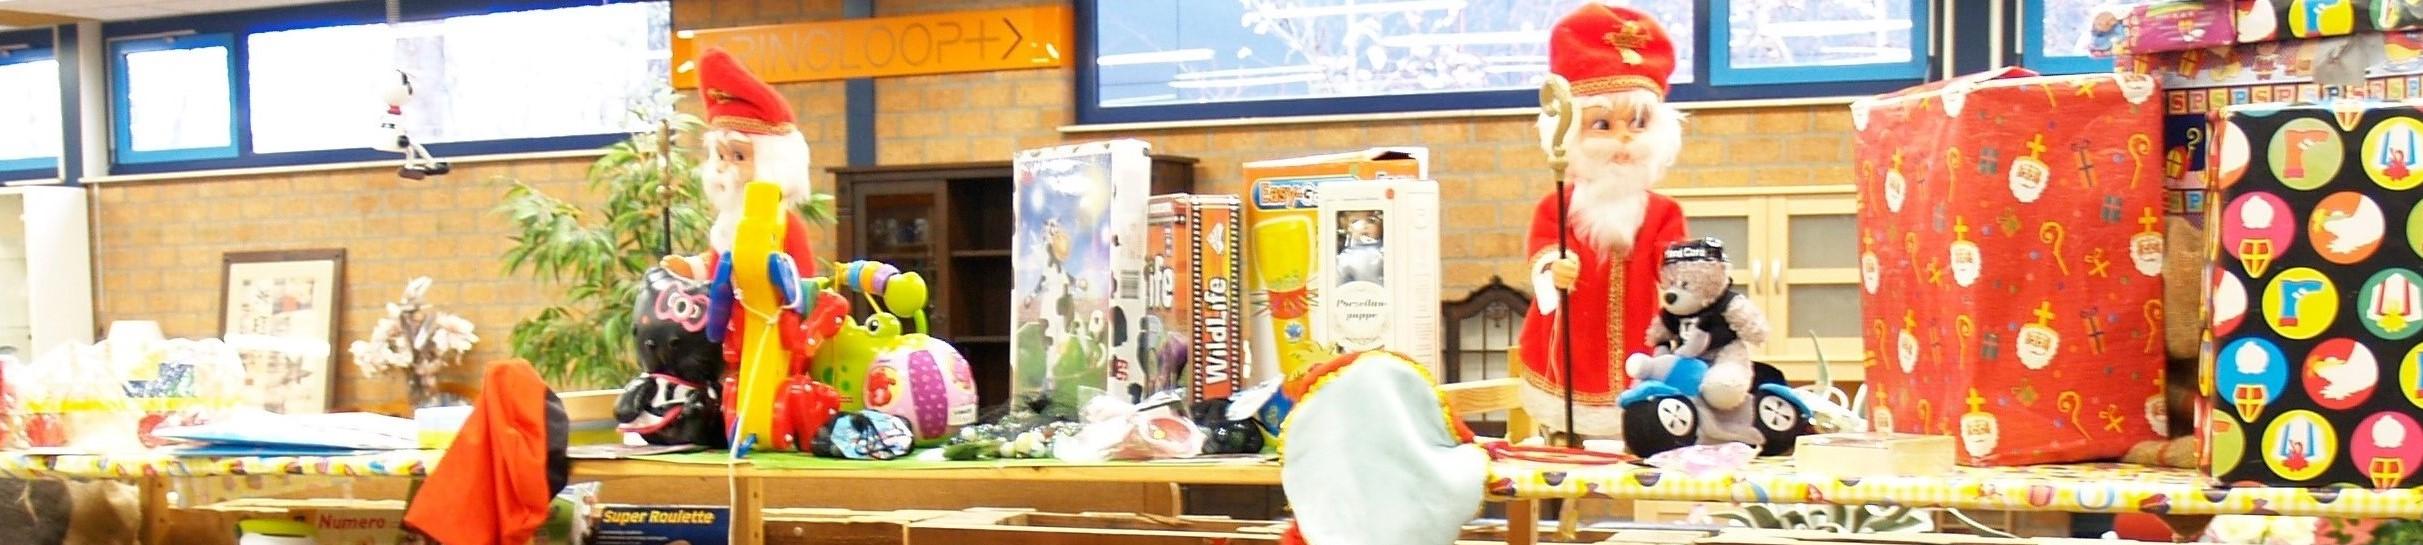 cadeautjes | Kringloopplus kringloop kringloopwinkel kringloopdag kringloop+